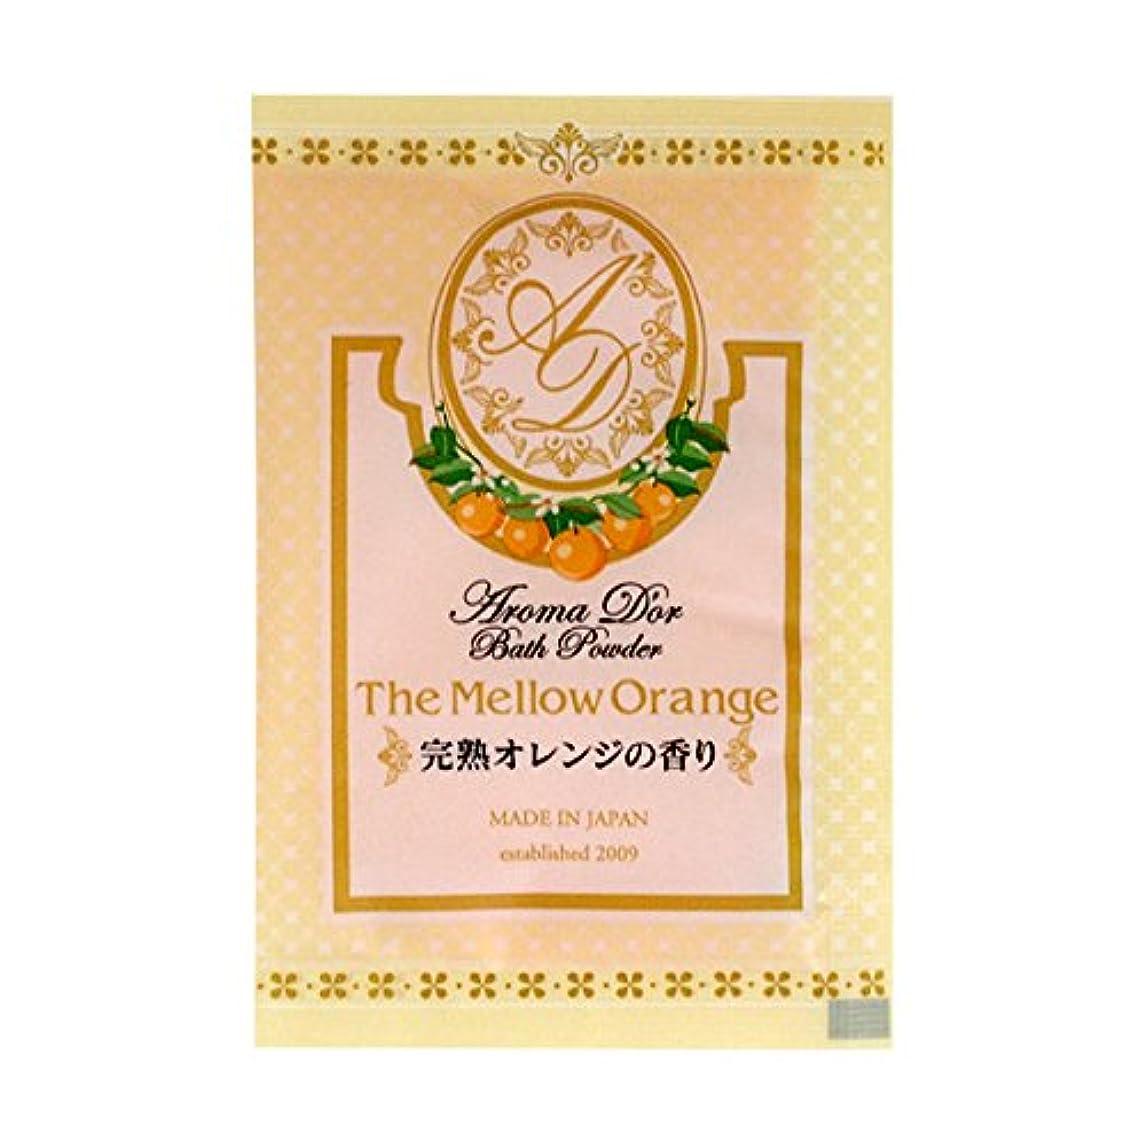 引用プラカード膨張する入浴剤 アロマドールバスパウダー 「完熟オレンジの香り」30個